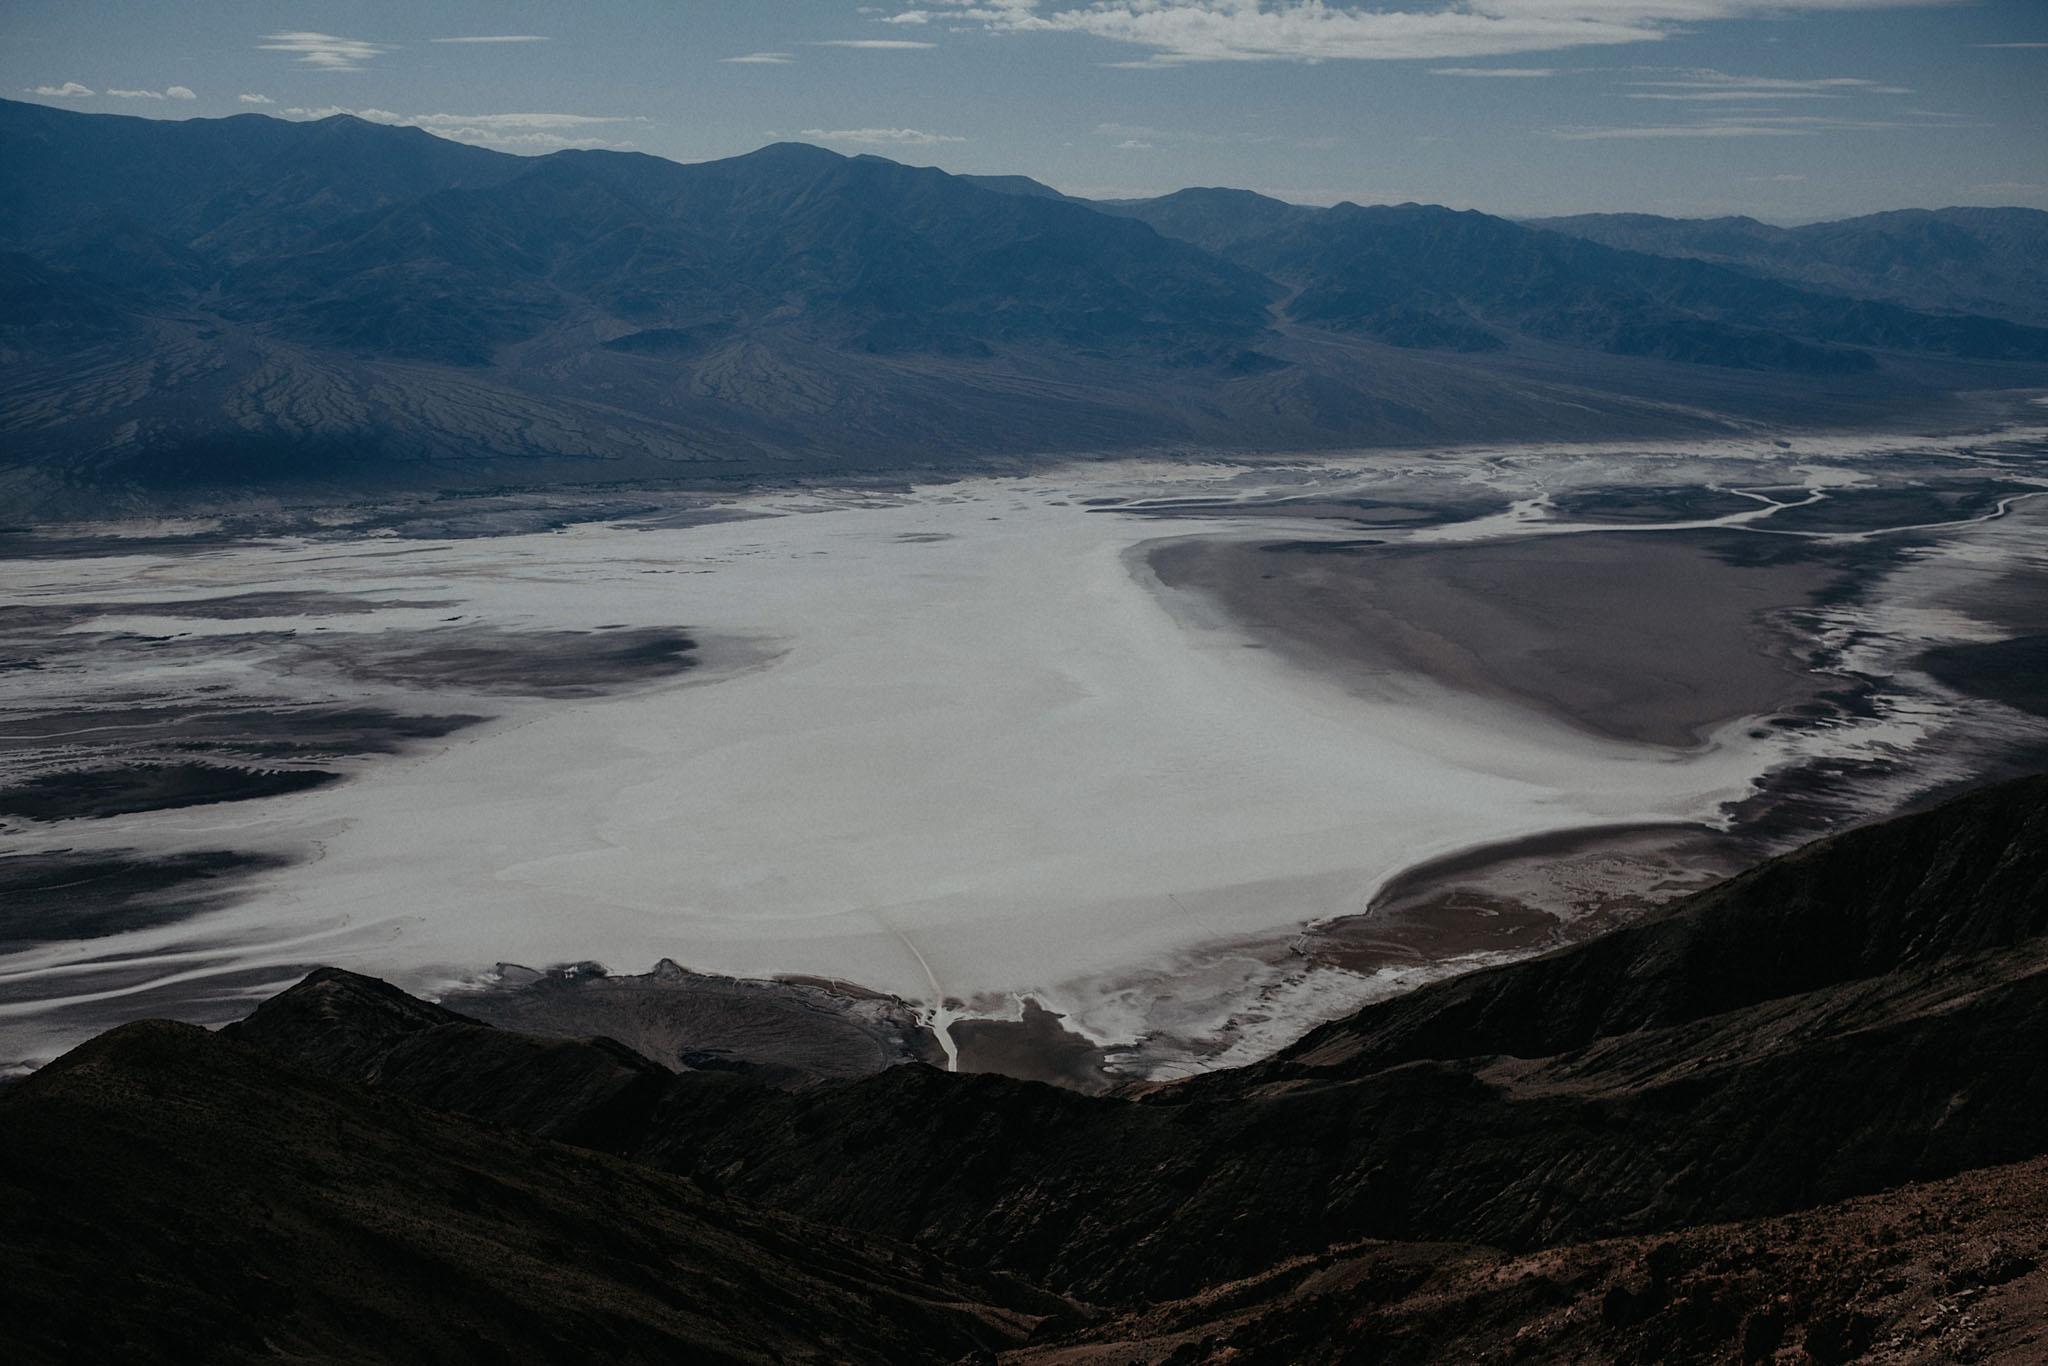 death valley adventure elopement wedding photographer national park desert mountains salt flat